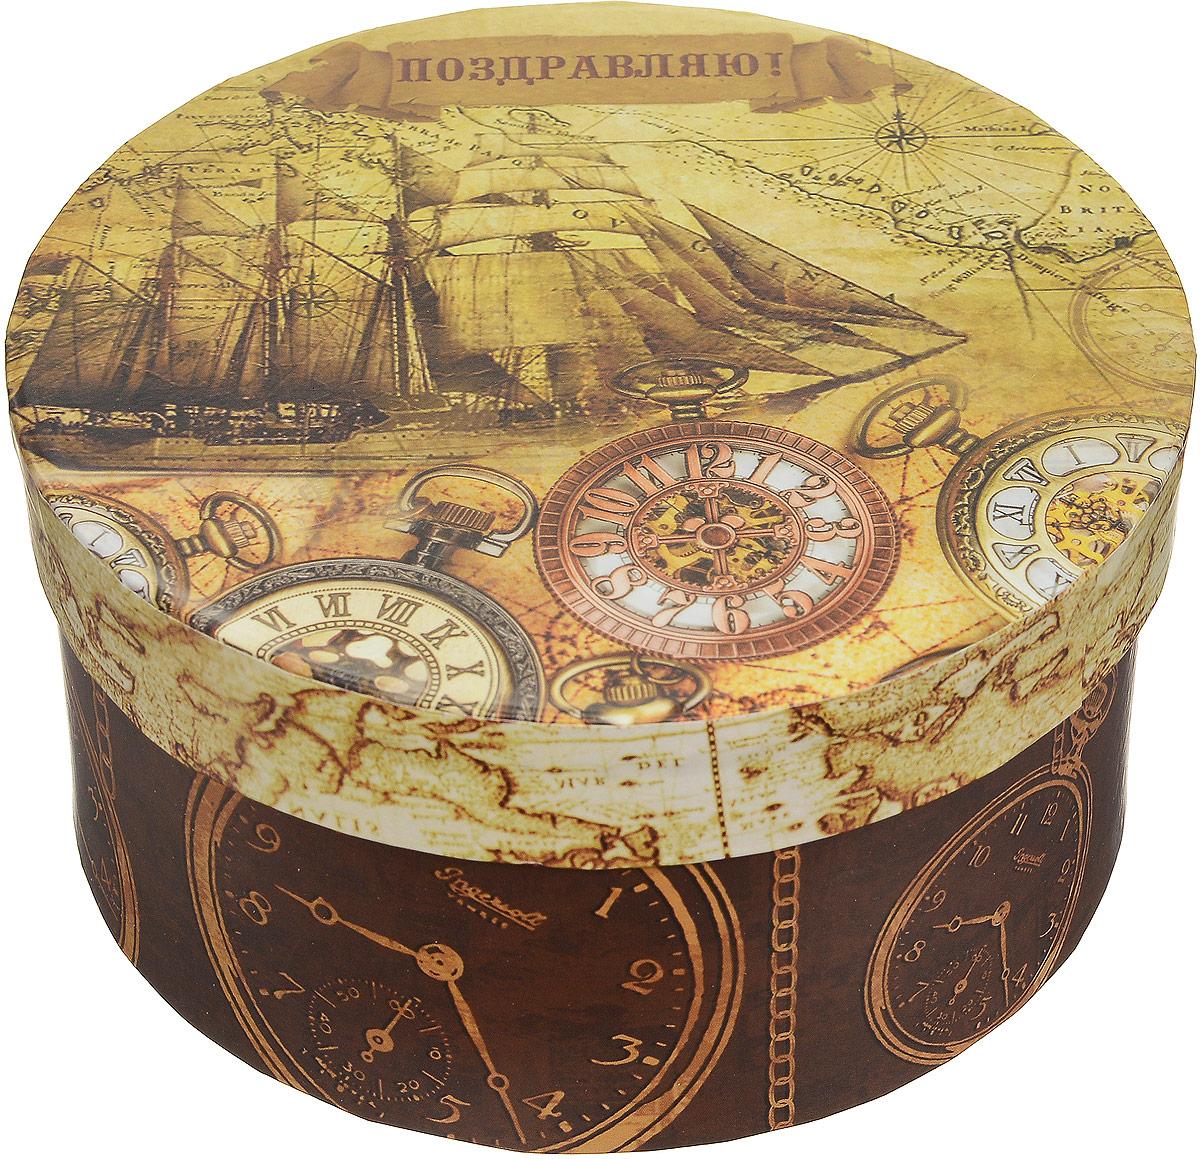 Коробка подарочная Magic Home Хронографы, круглая, 14 х 14 х 7 см44286Подарочная коробка Magic Home Хронографы, выполнена из мелованного ламинированного картона. Коробочка оформлена оригинальным рисунком. Изделие имеет круглую форму и закрывается крышкой с надписью Поздравляю!. Подарочная коробка - это наилучшее решение, если вы хотите порадовать близких людей и создать праздничное настроение, ведь подарок, преподнесенный в оригинальной упаковке, всегда будет самым эффектным и запоминающимся. Окружите близких людей вниманием и заботой, вручив презент в нарядном, праздничном оформлении. Плотность картона: 1100 г/м2.